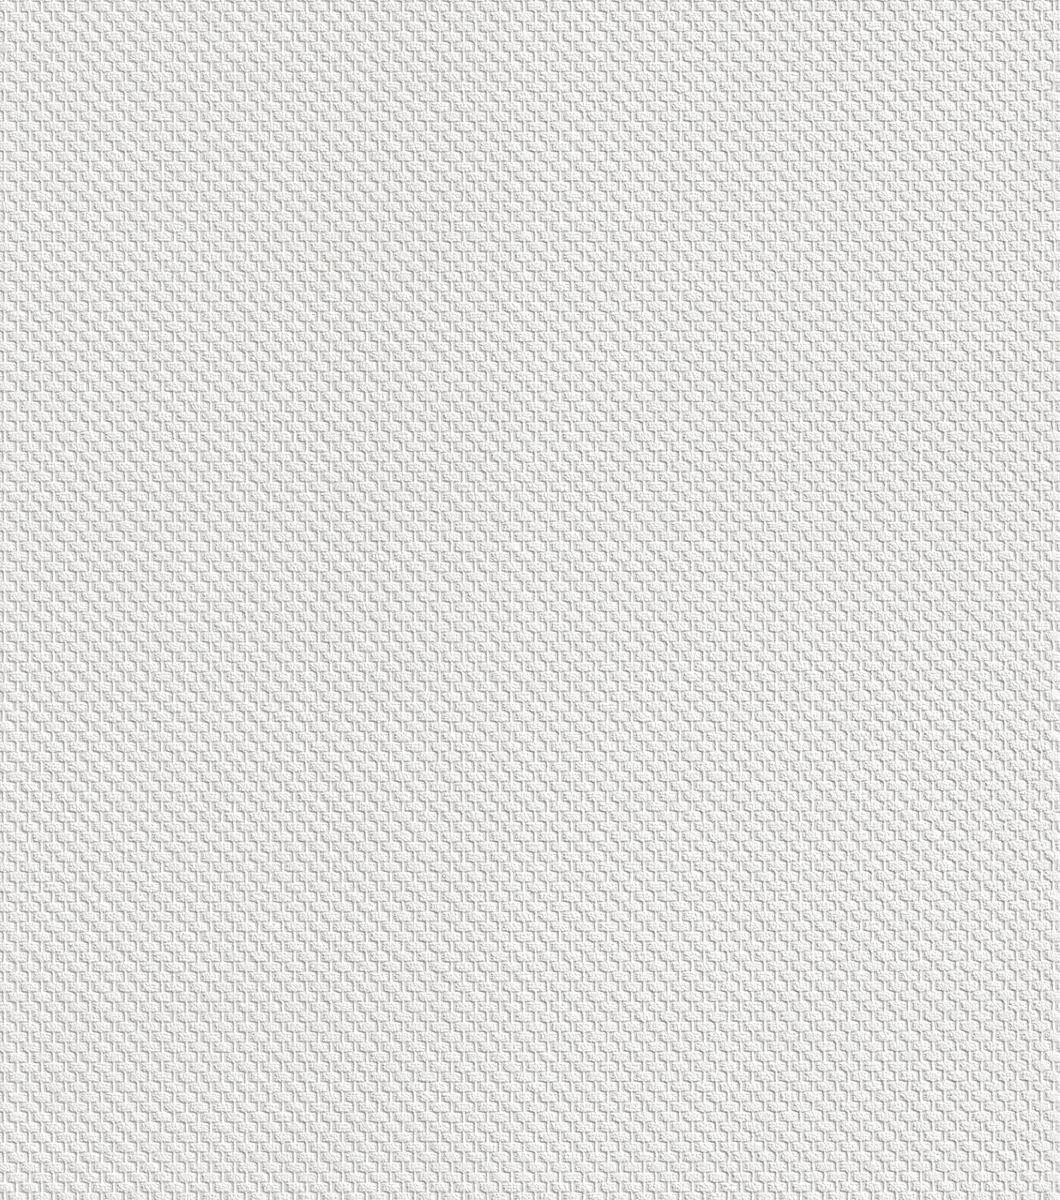 vliestapete wei grafisch wallton rasch 183306